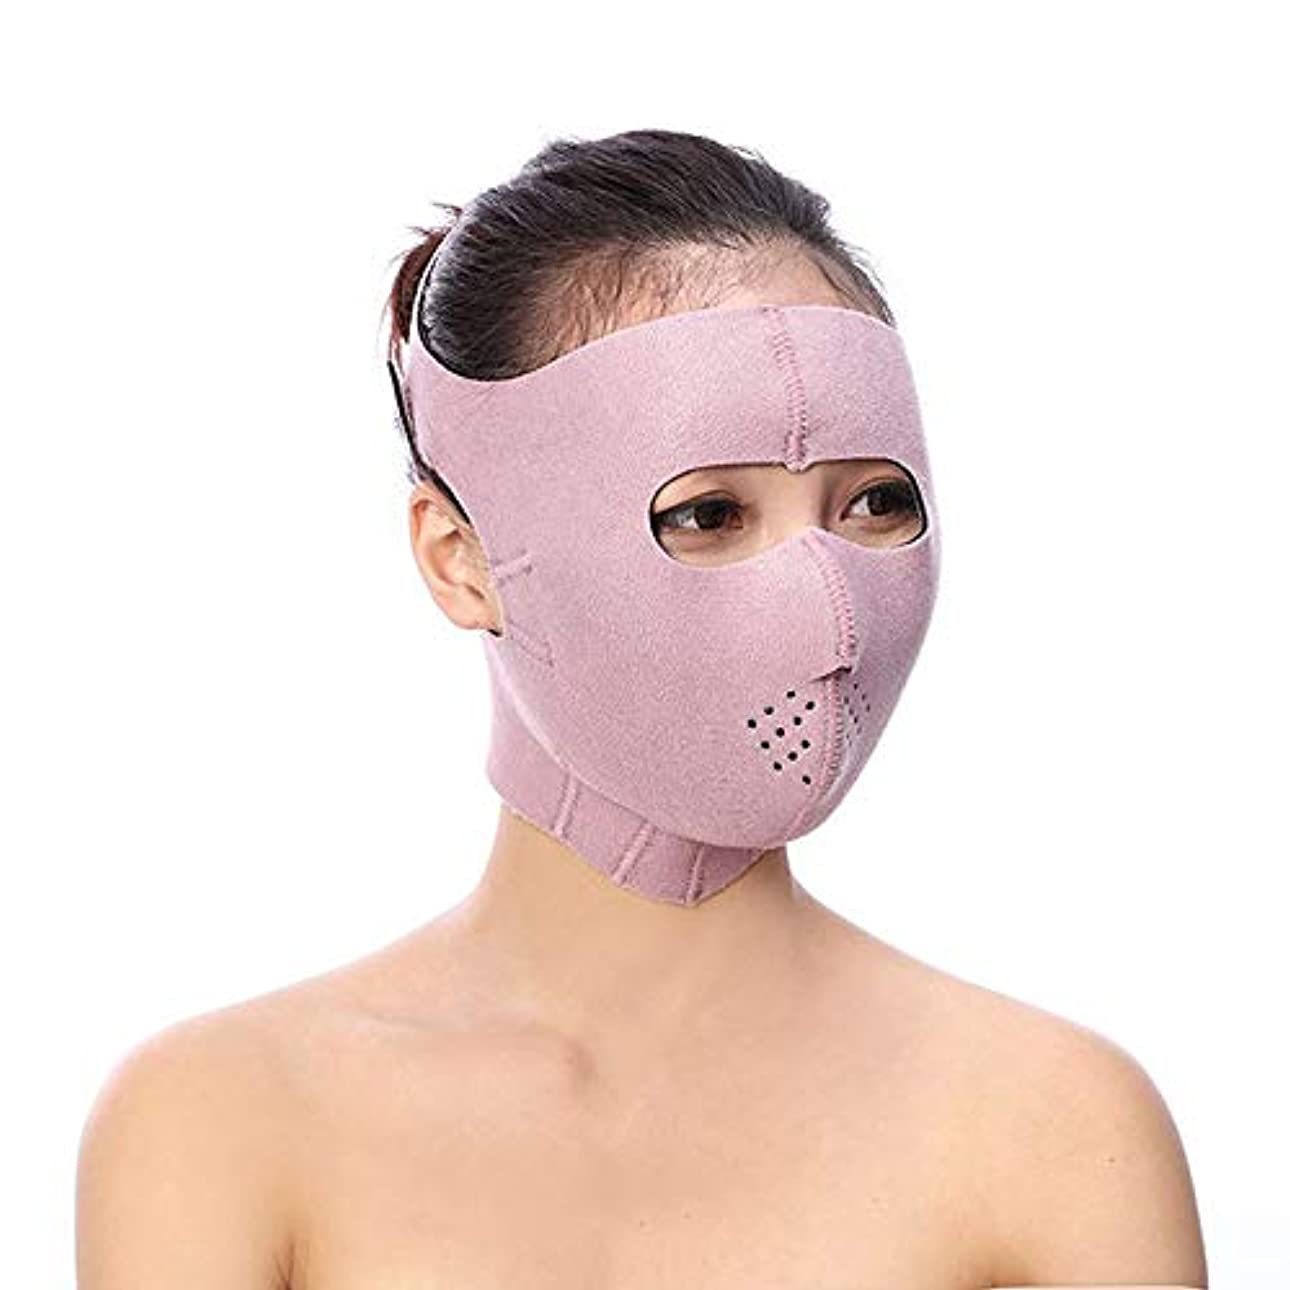 マイクロ雑品デンマークフェイスリフトベルト - フェイシャルリフトアーチファクトVフェイスバンデージからネックラインリフティングモード薄い肌マッサージリフティング&ファーミング 美しさ